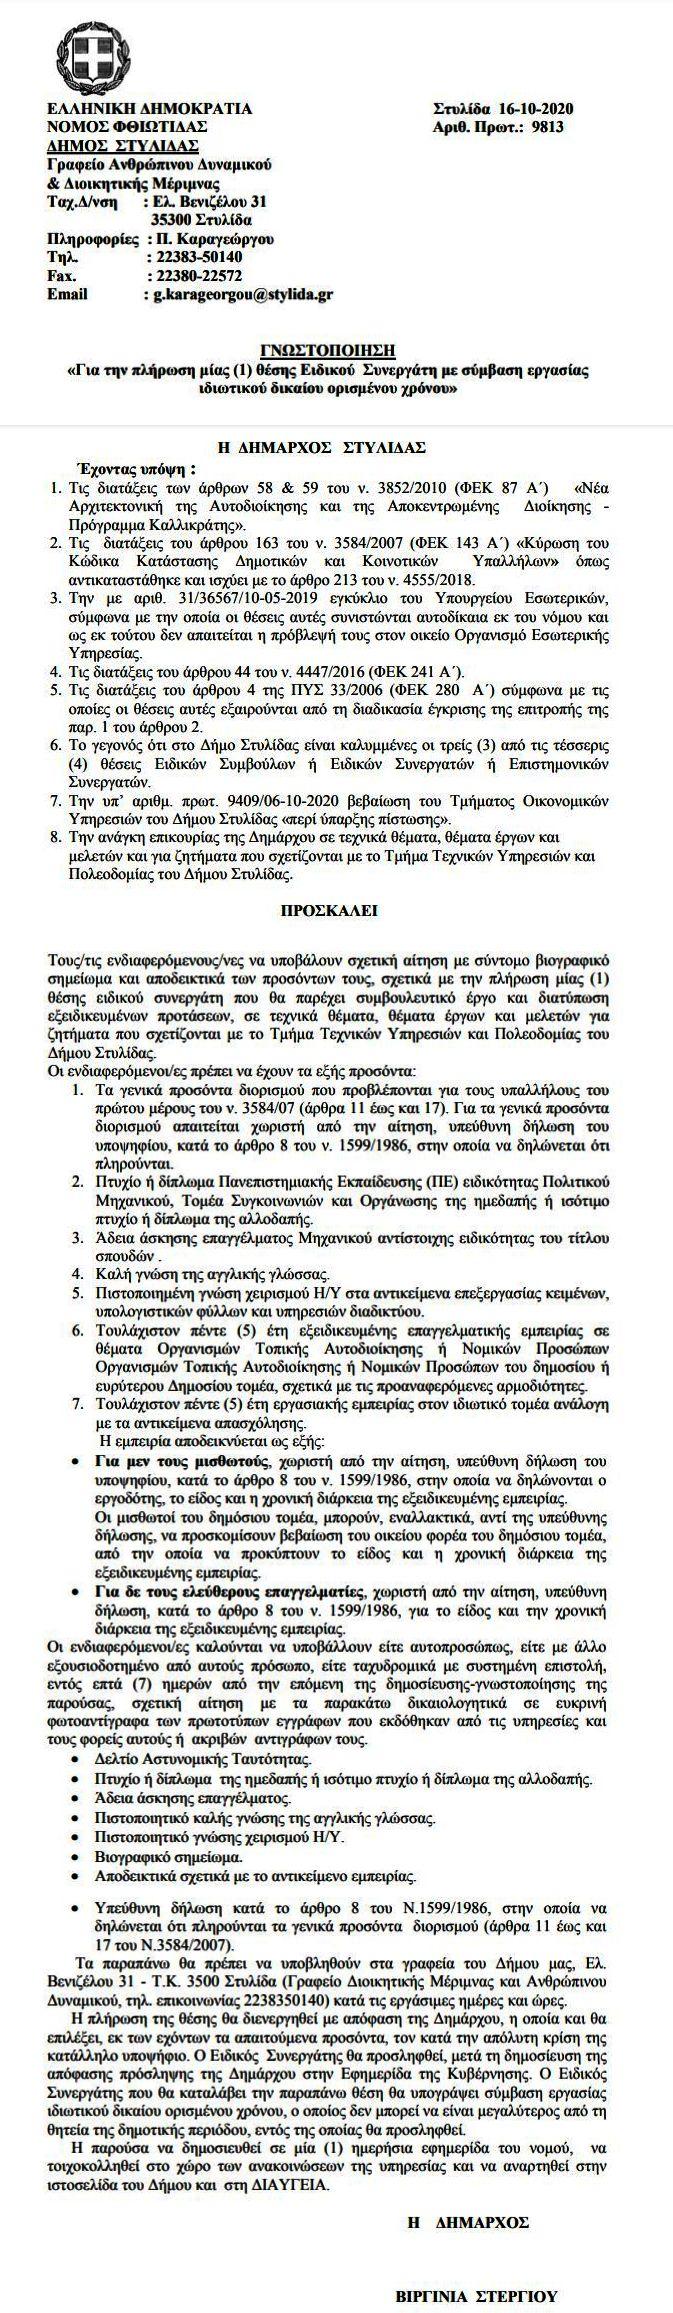 Δήμος Στυλίδας: Πλήρωση μίας (1) θέσης Ειδικού Συνεργάτη